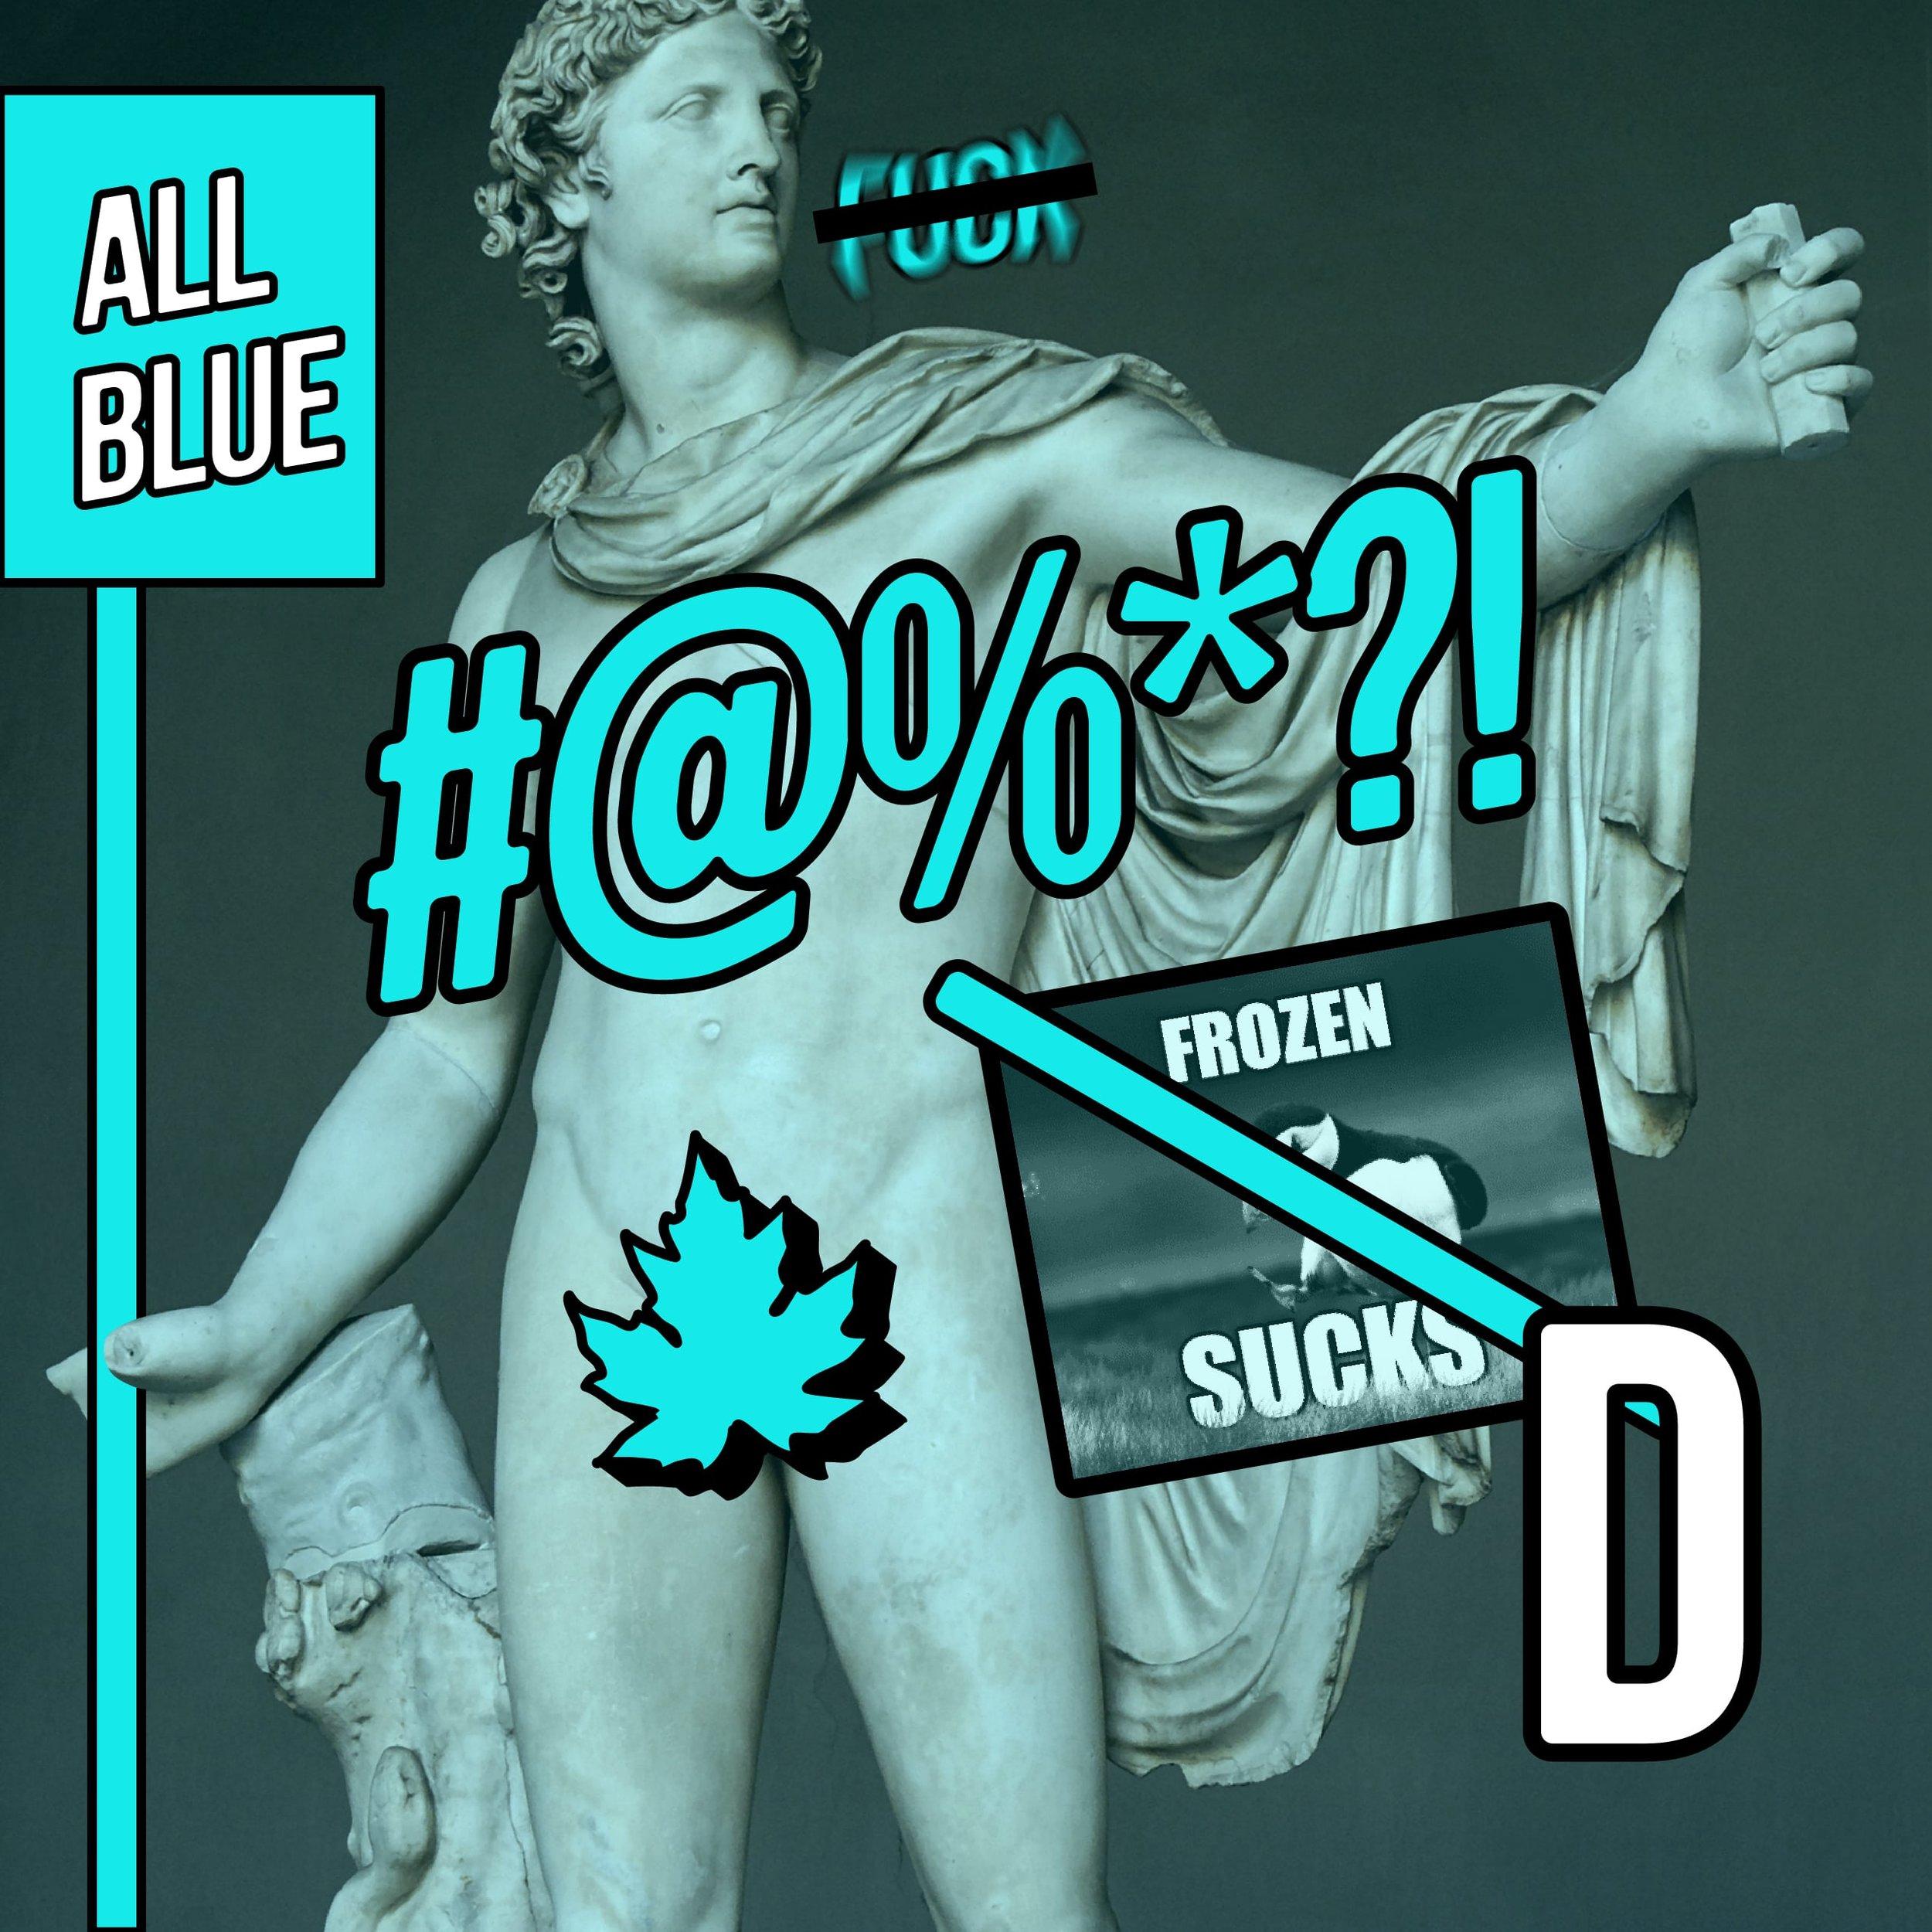 censor6.jpg